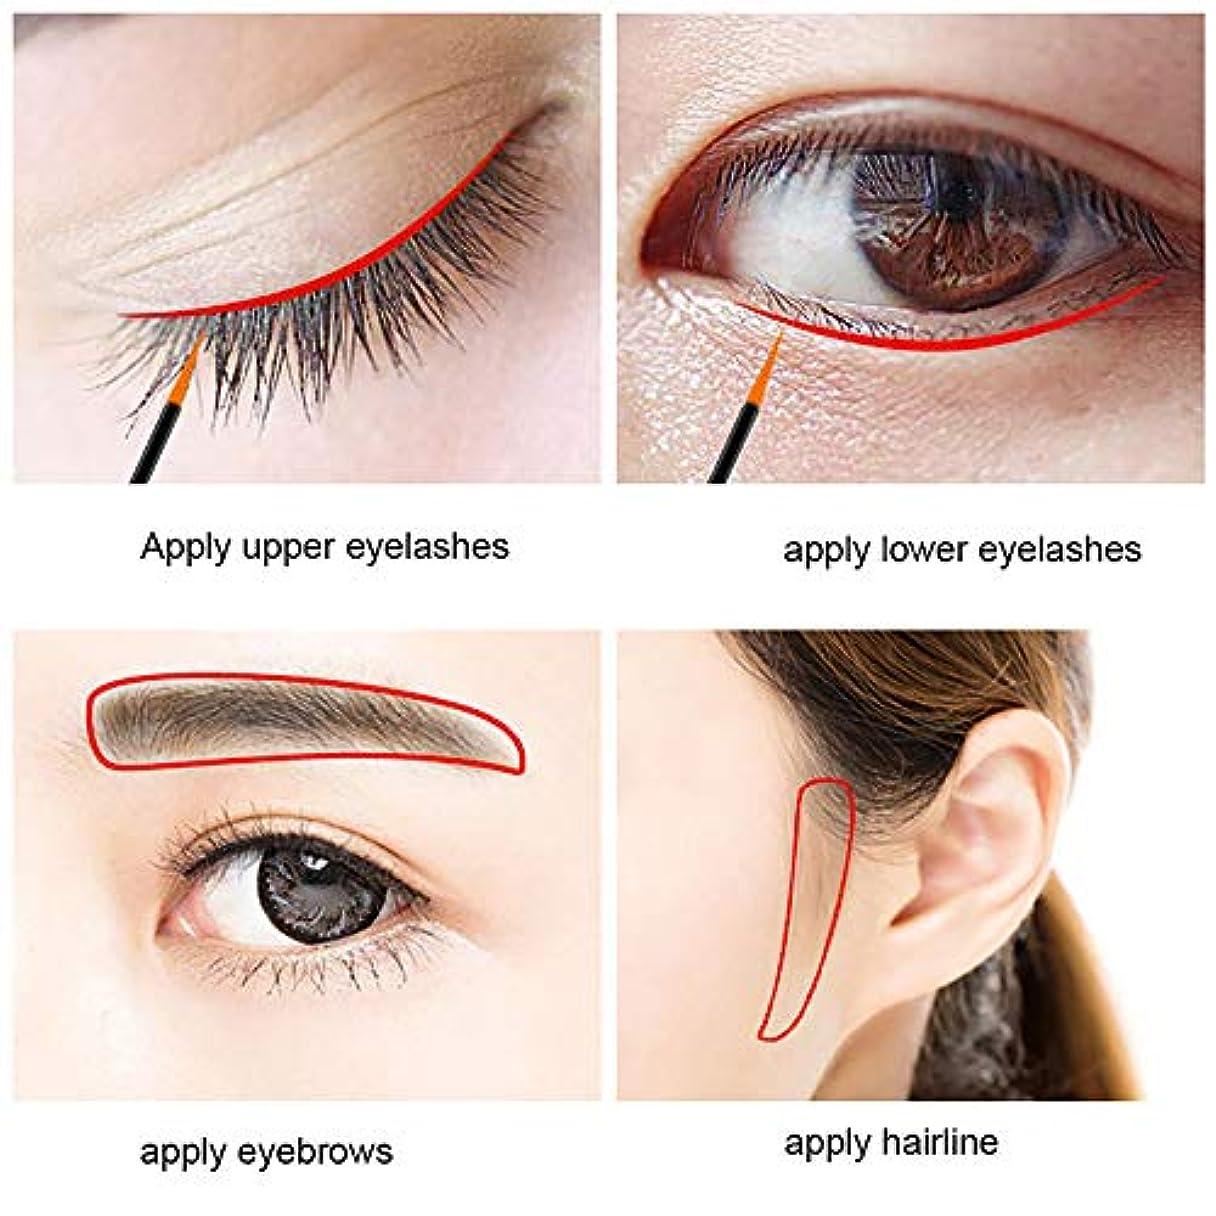 アサー指導する食用眉毛まつげ速い急速な成長の液体エンハンサー栄養液栄養